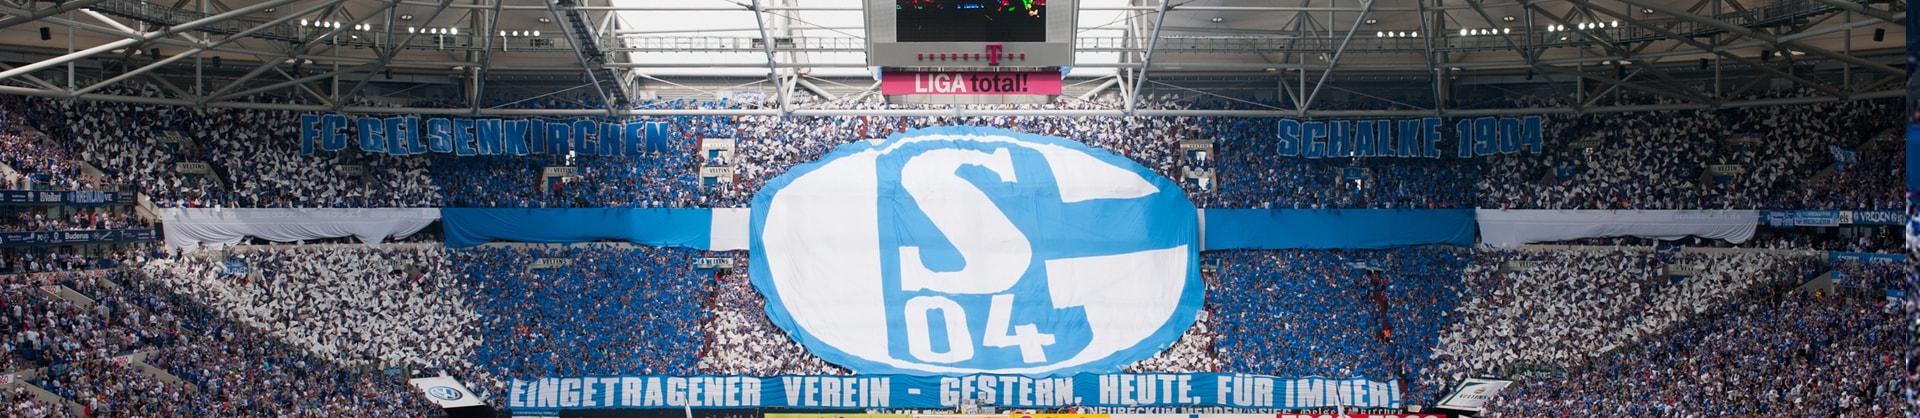 Schalke 04 strebt Ausgliederung der Profi-Abteilung an